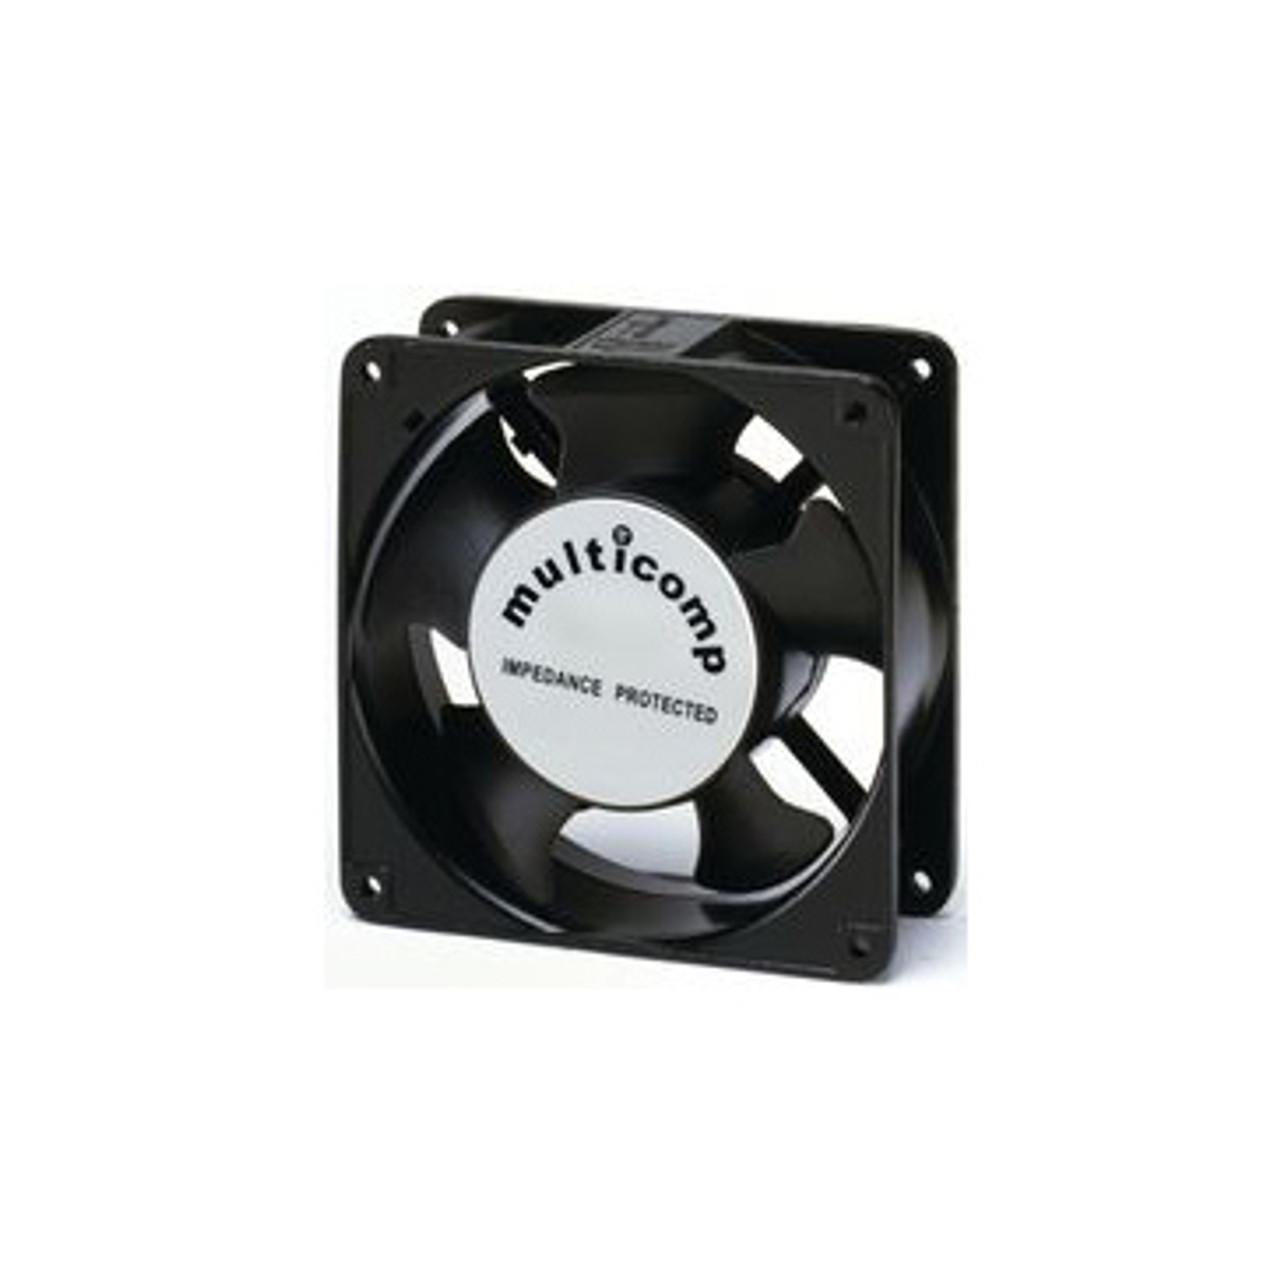 Muffin Fan, 119mm, 240VAC 50/60Hz